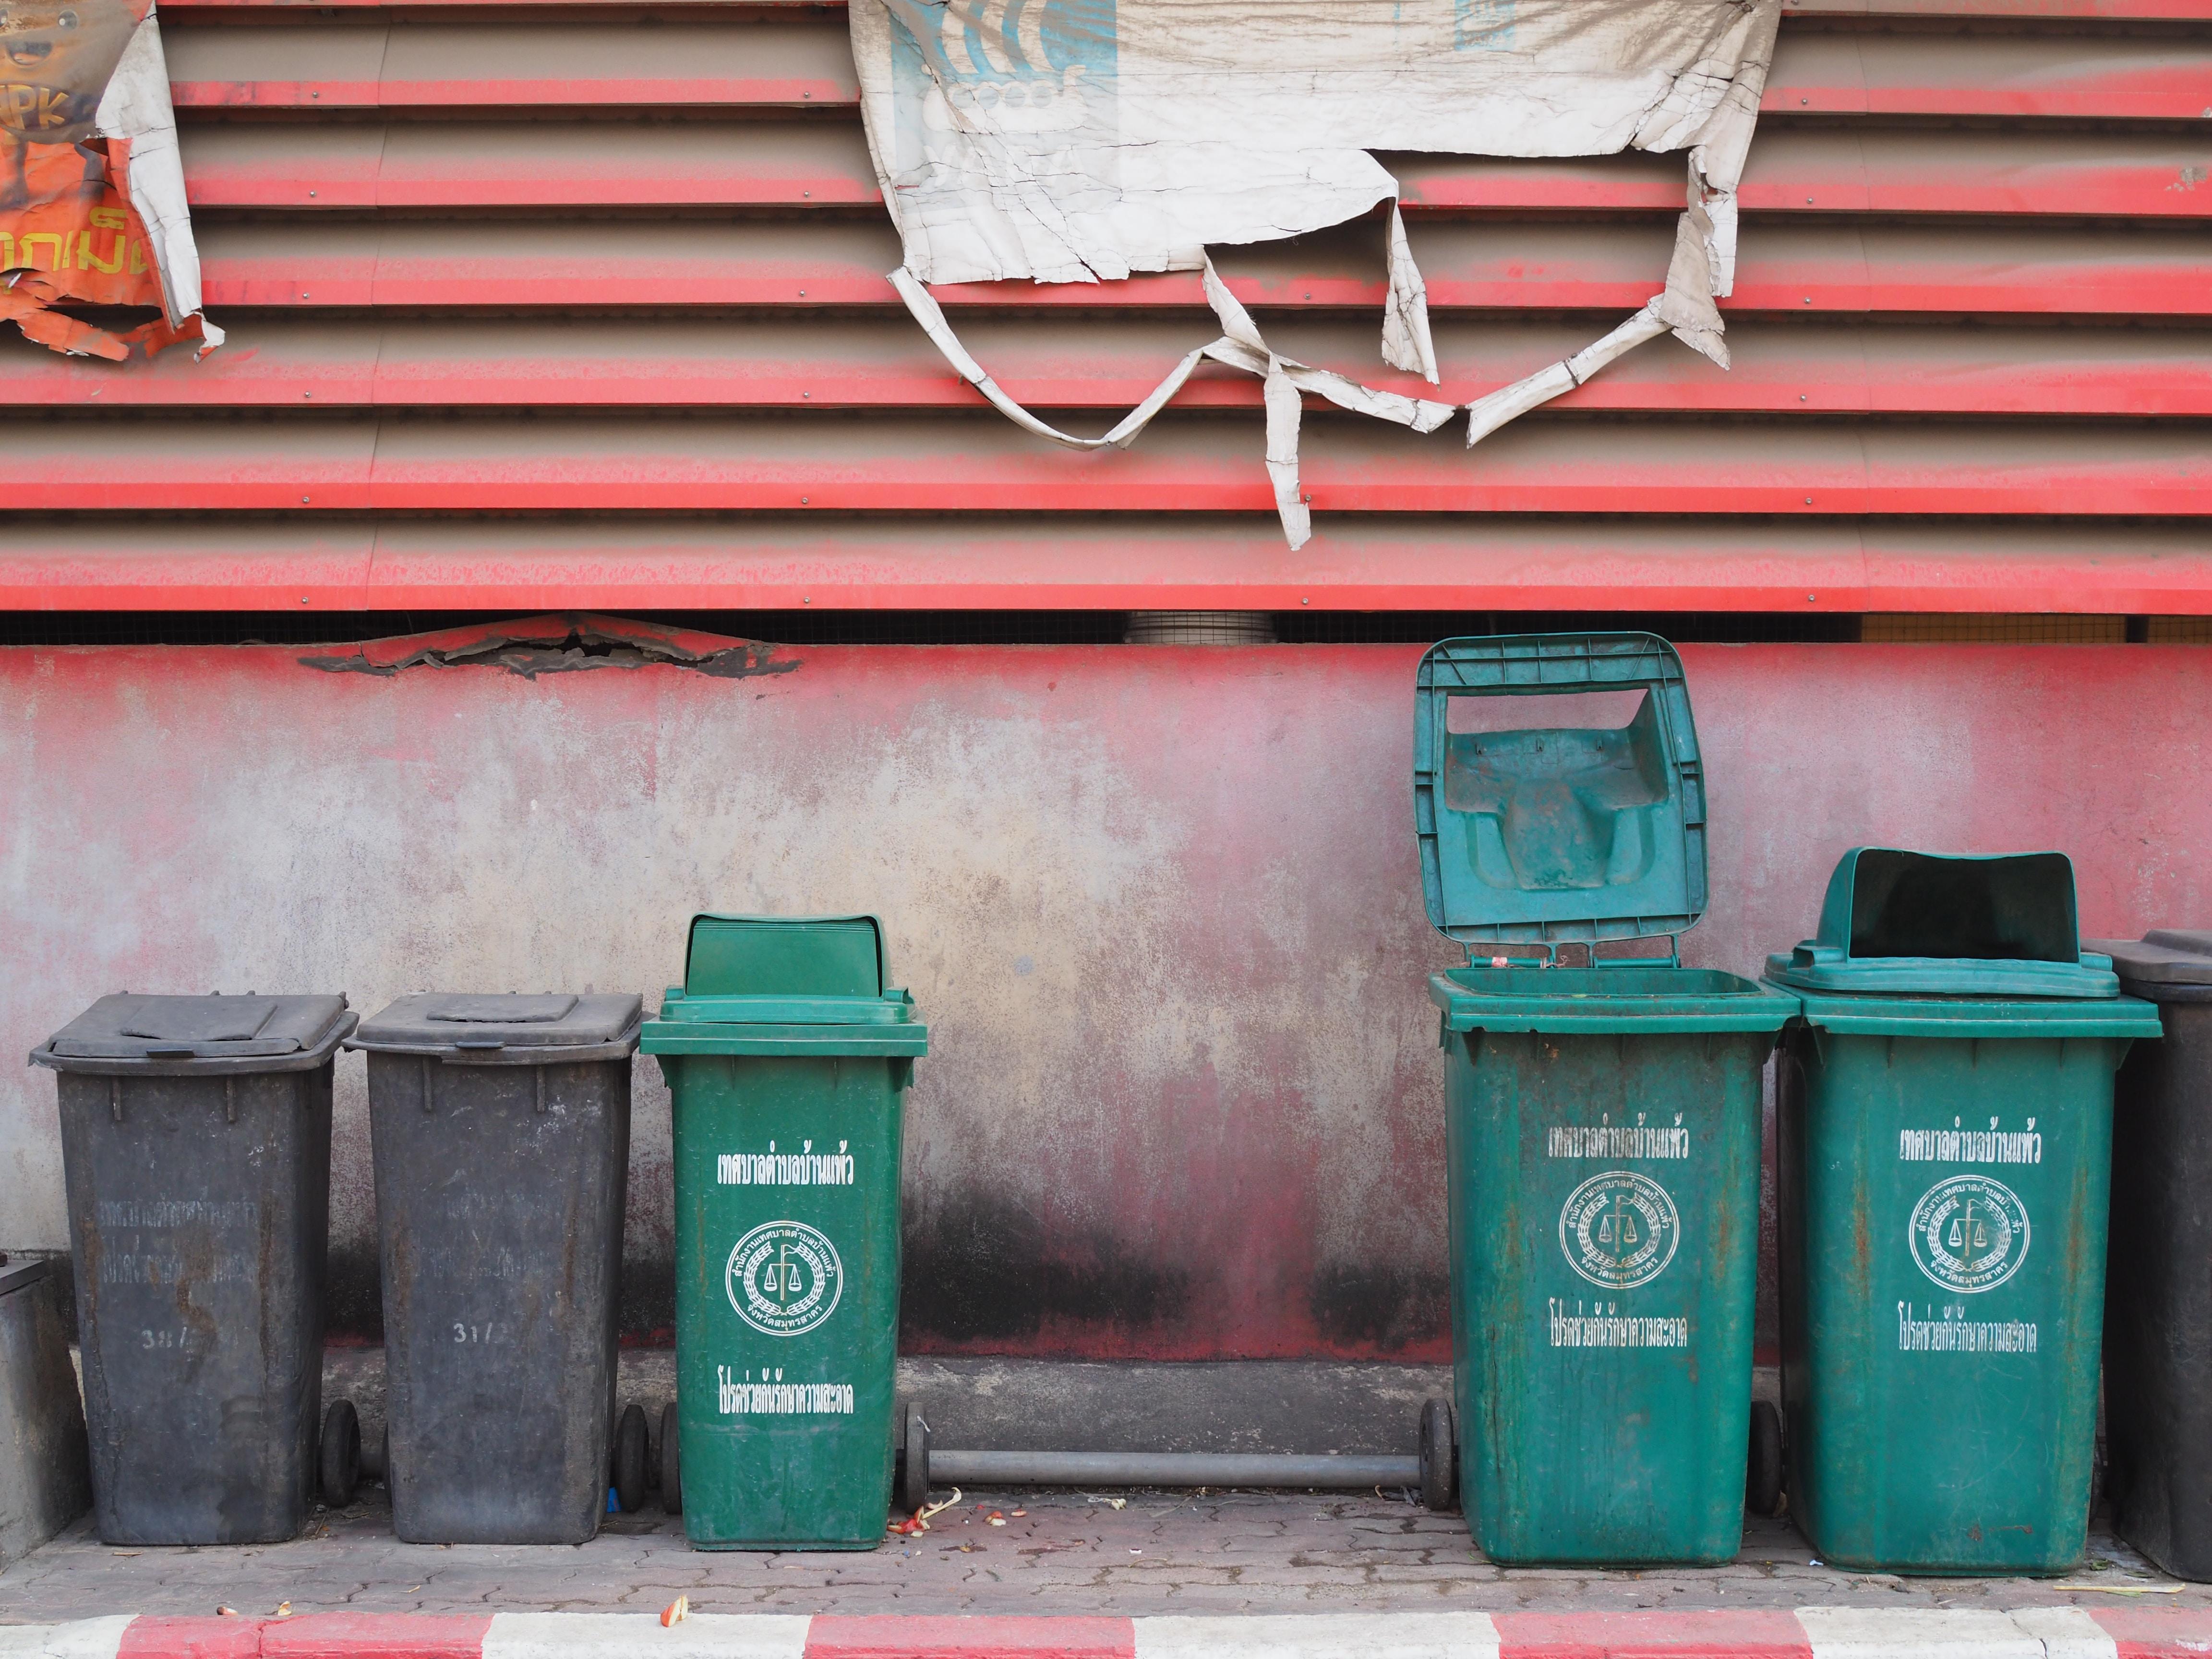 black and green trash bins